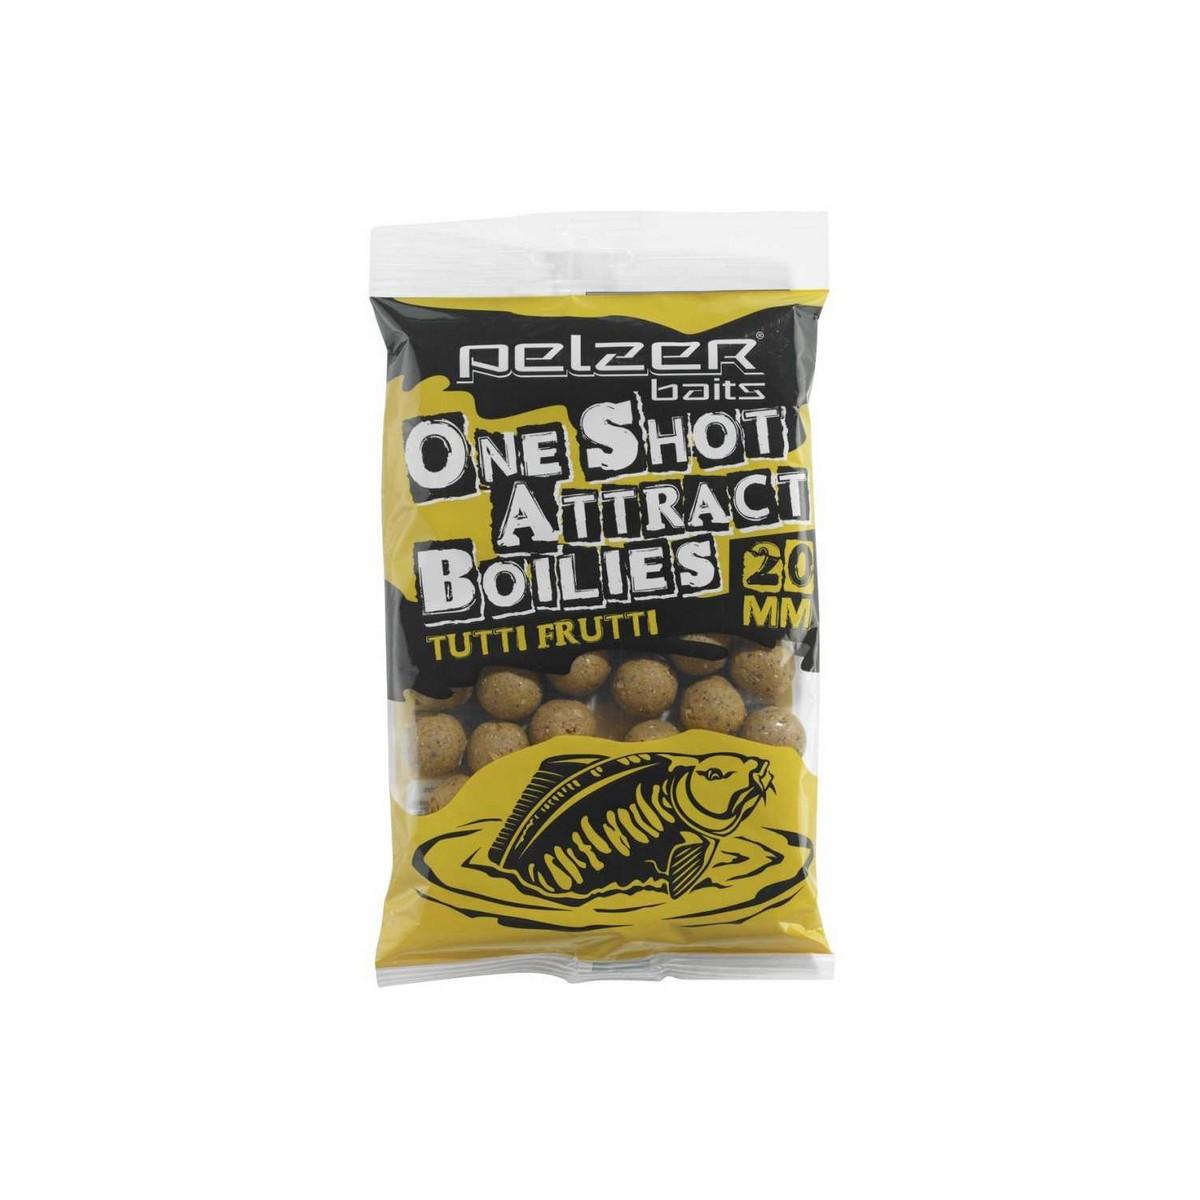 Pelzer One Shot Attract Boilies - протеинови топчета, тути-фрути 1